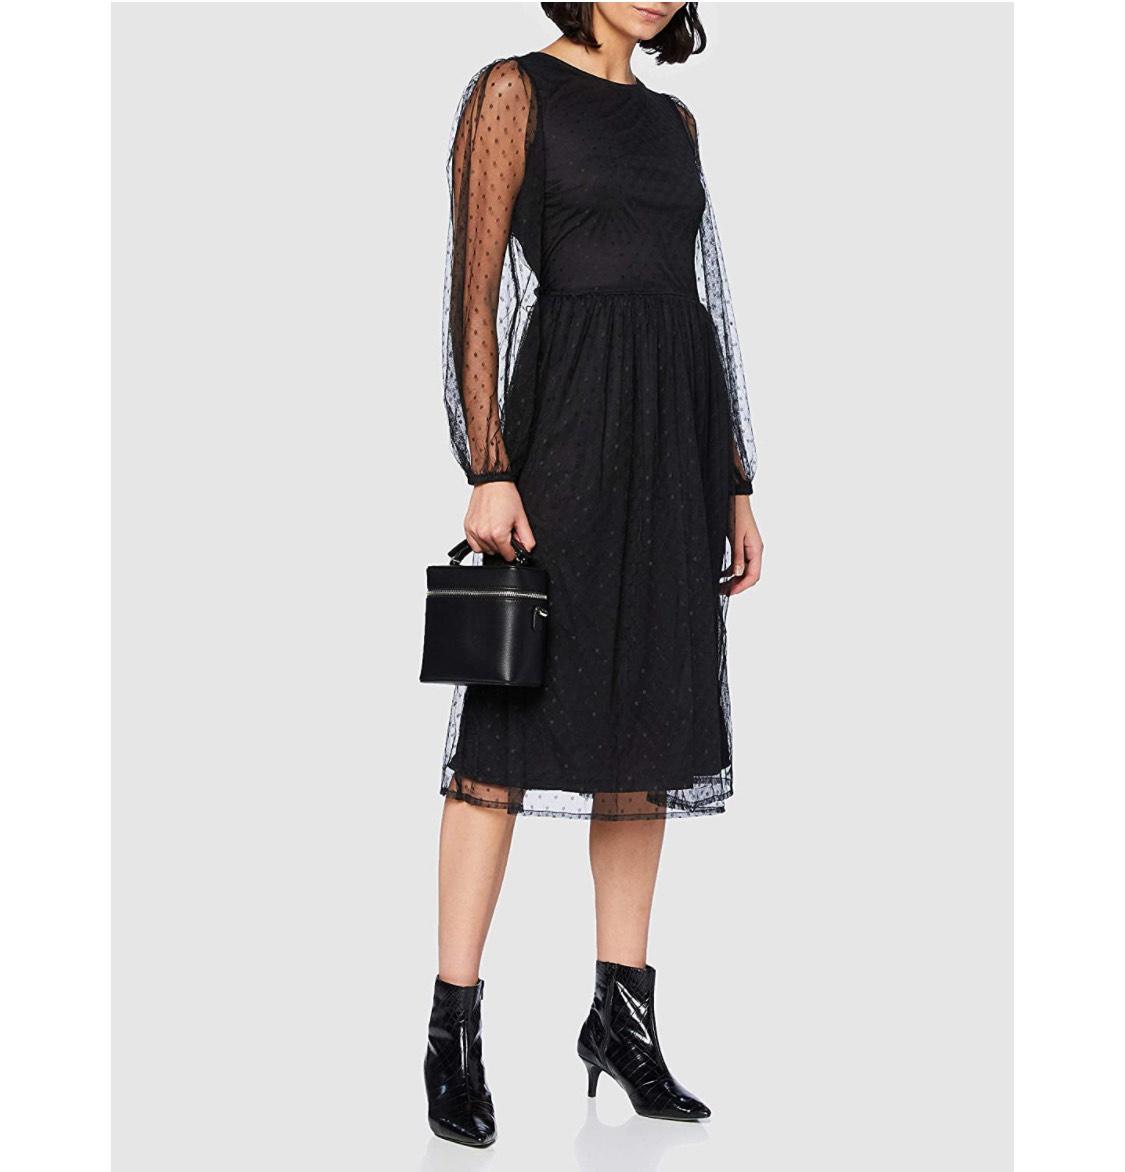 Vestido de fiesta mujer talla M (todas las tallas disponibles con otros precios y stocks)